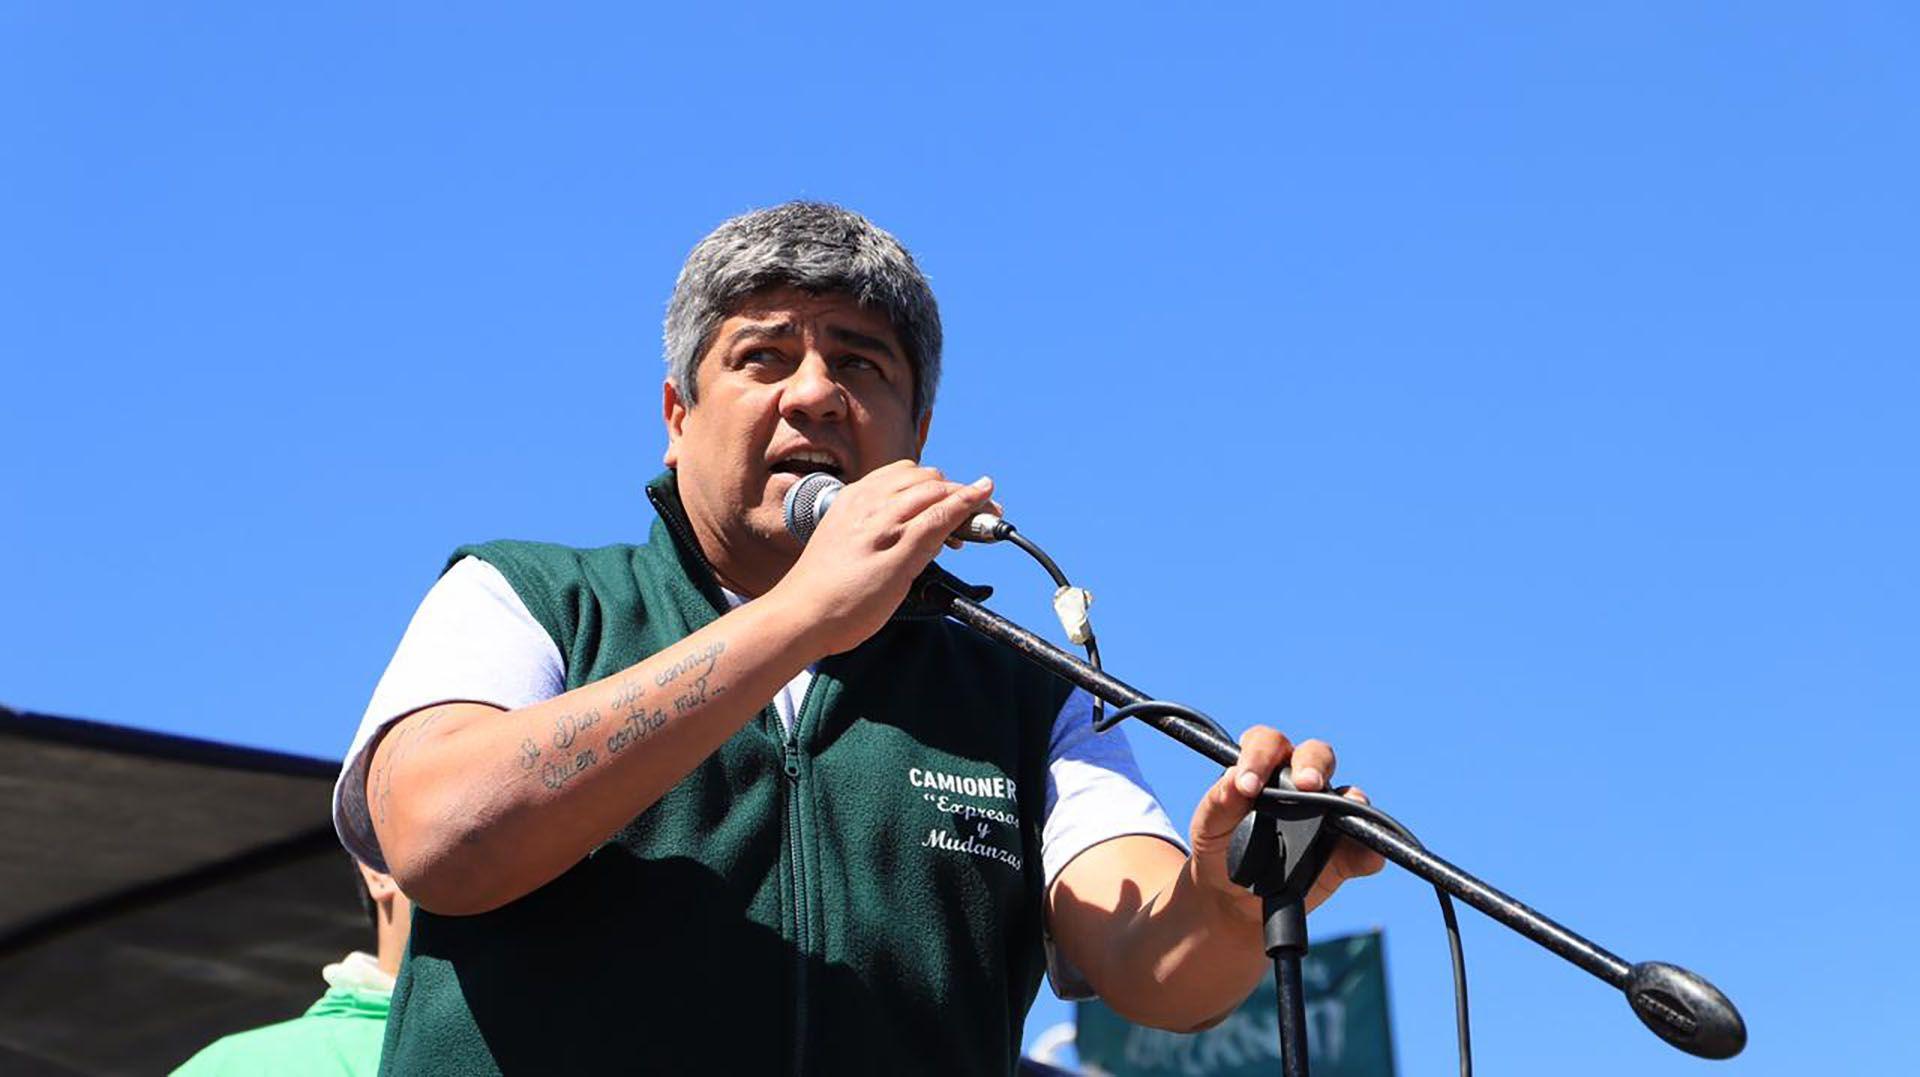 Pablo Moyano, del gremio de Camioneros (Lihueel Althabe)